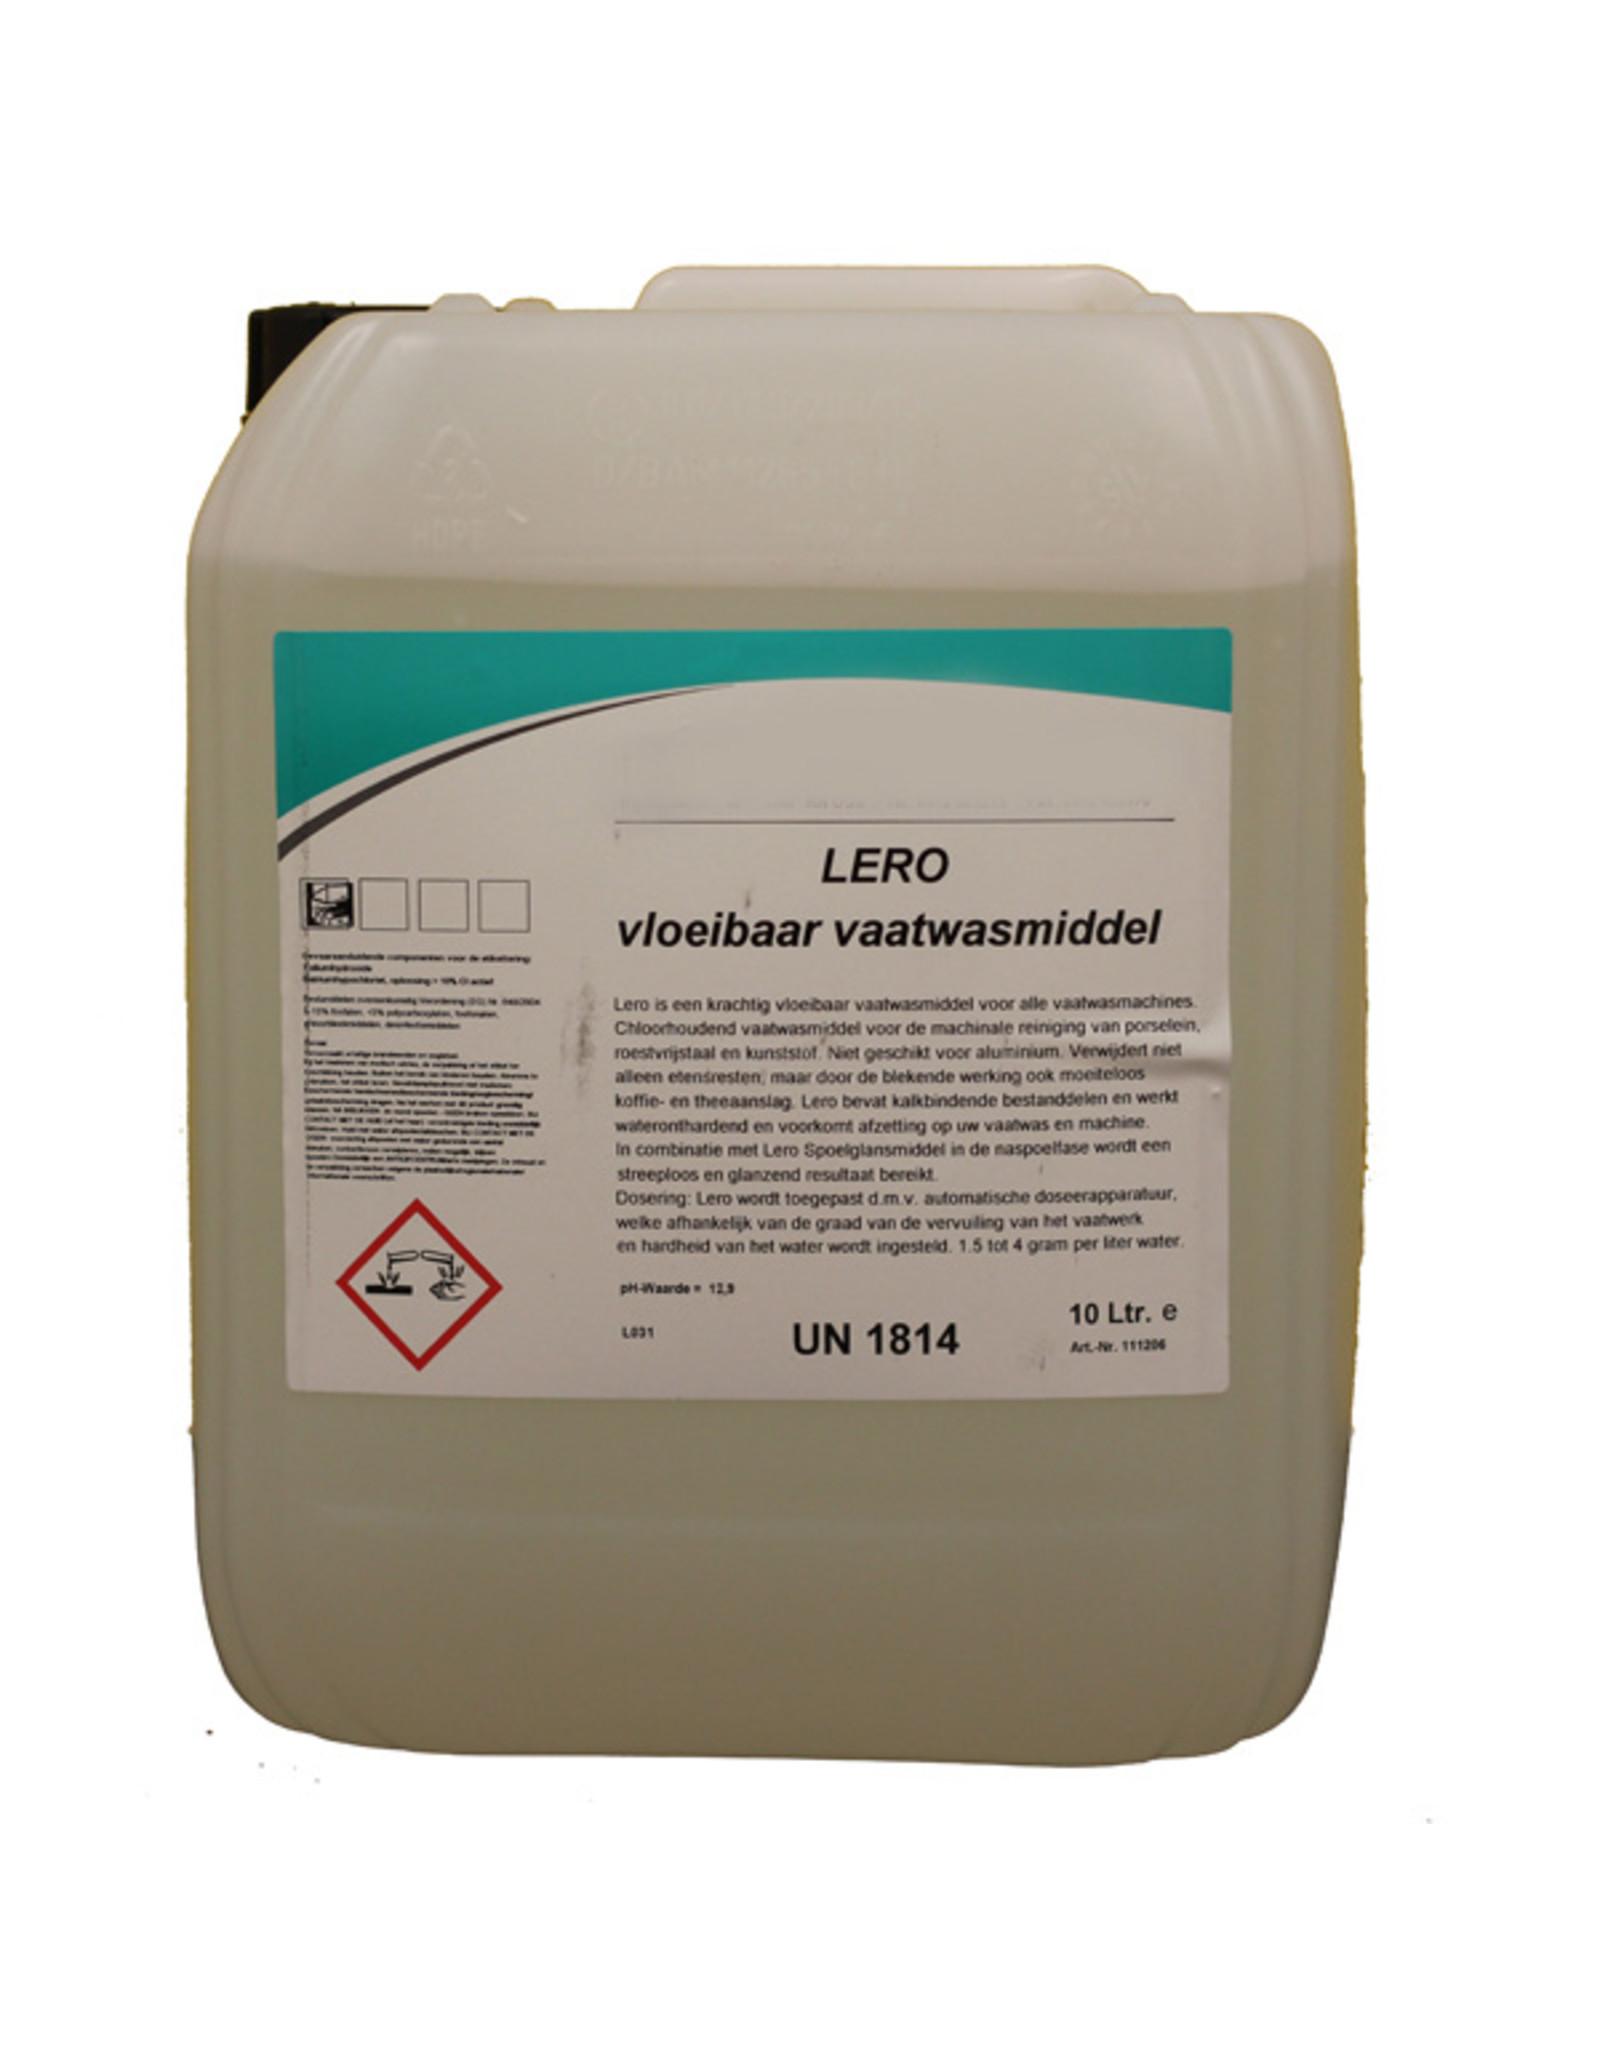 Lero Lero Vloeibaar Vaatwasmiddel 10 ltr.